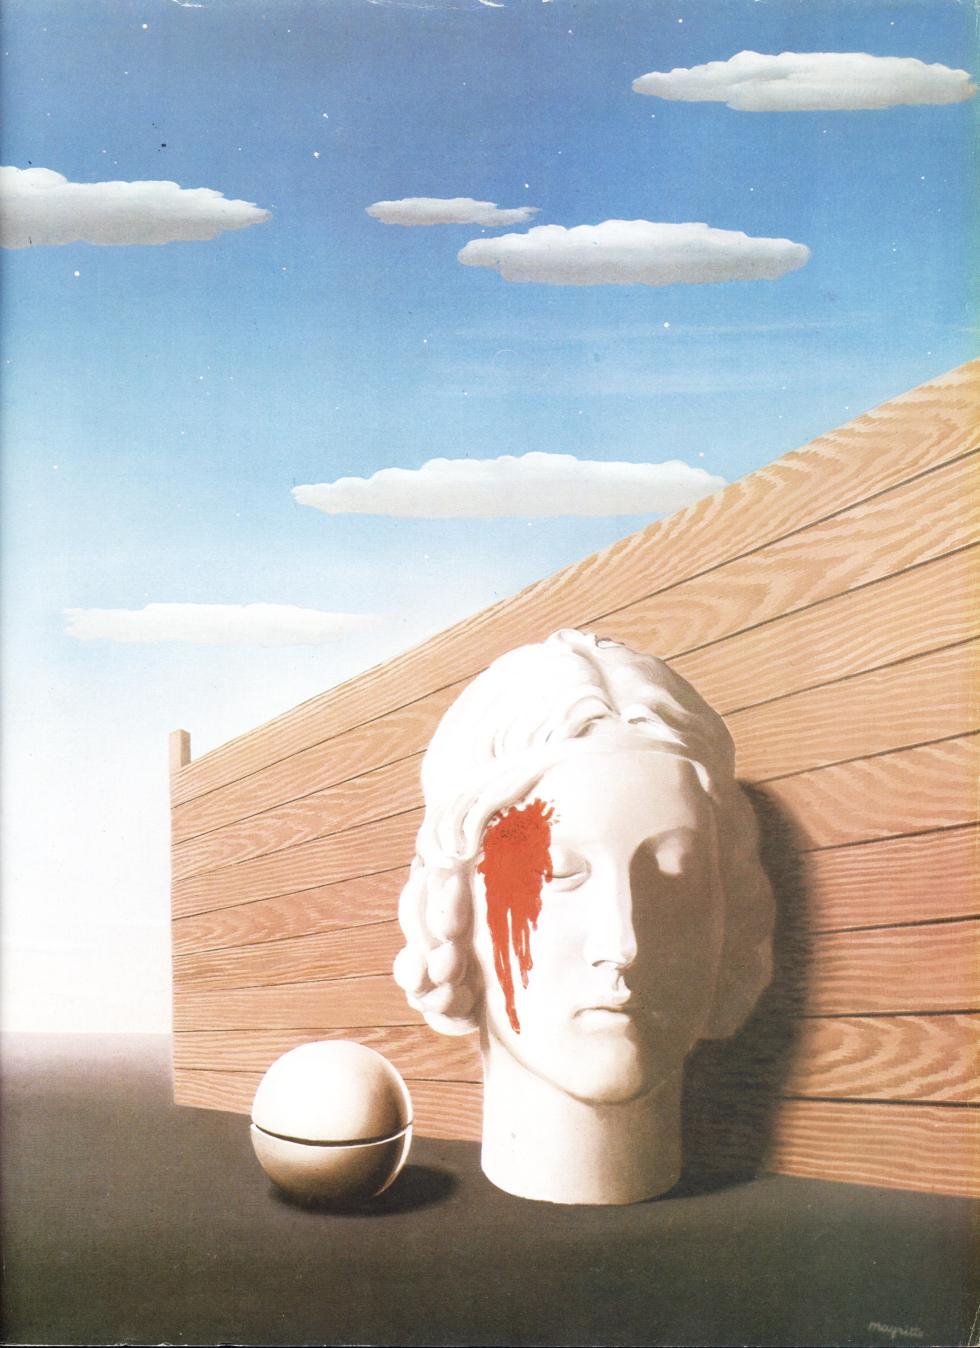 La mémoire, 1938, oil on canvas, 72.5 x 54 cm